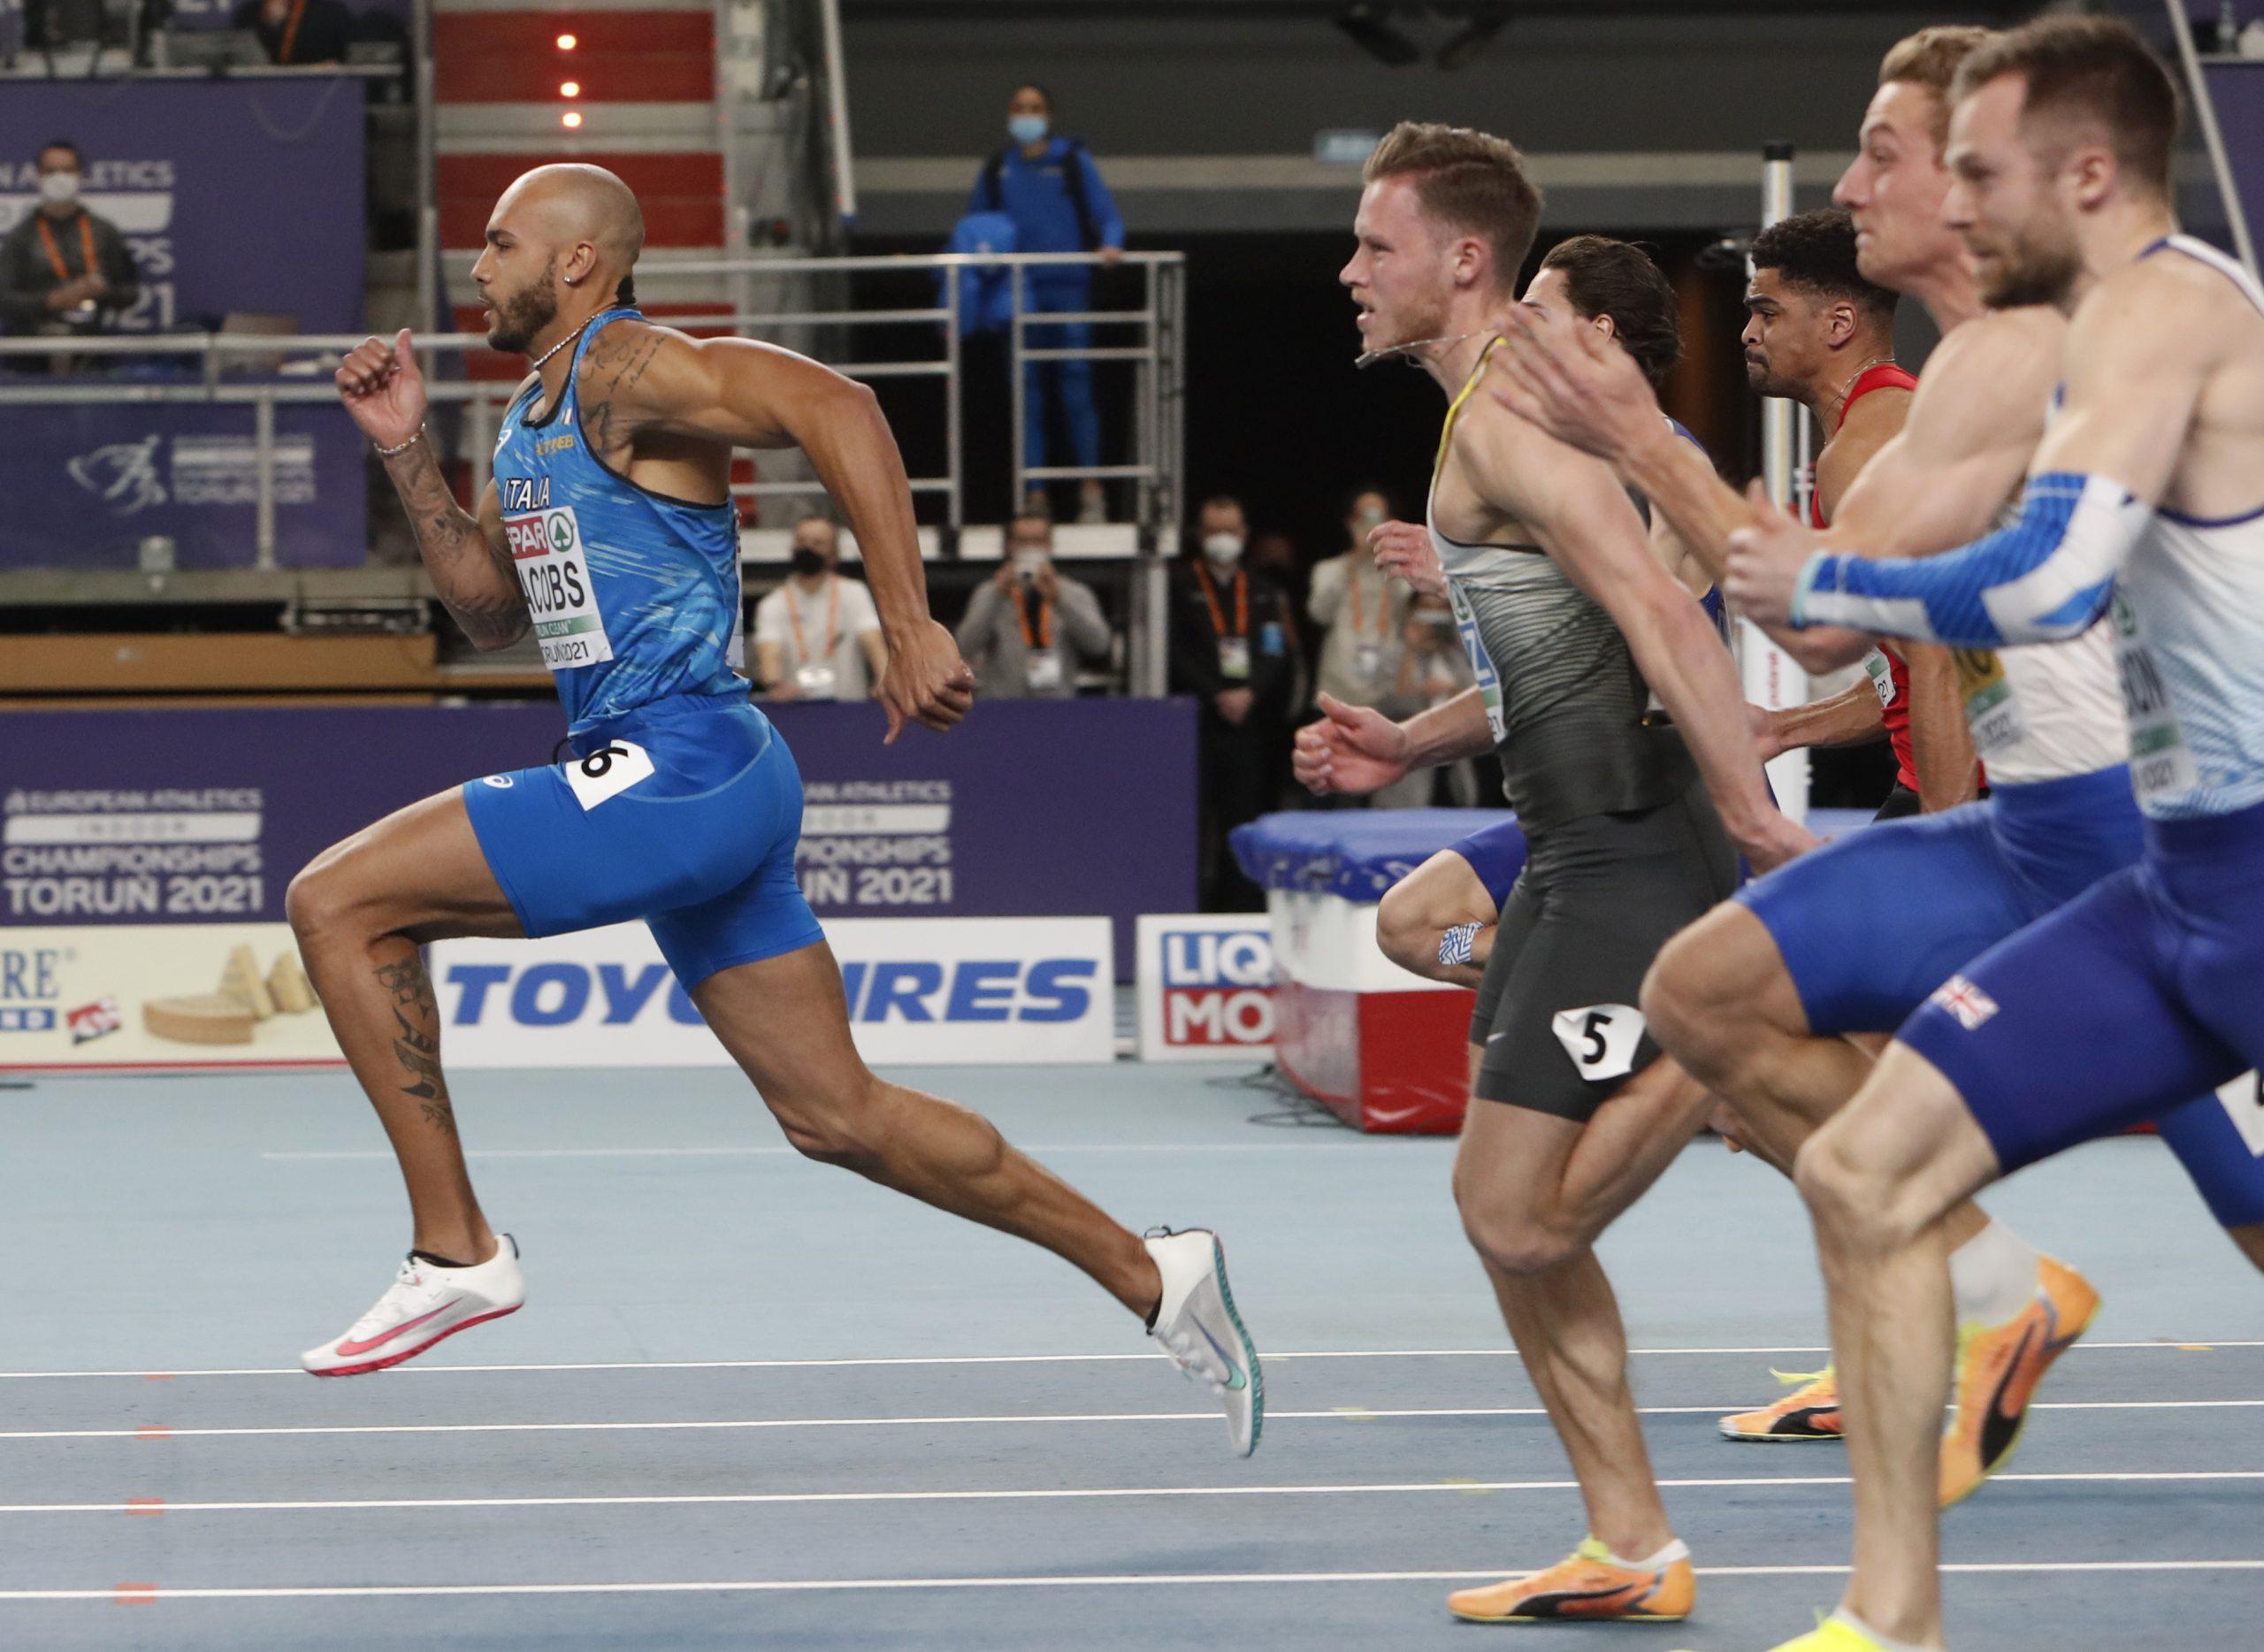 Lamont Marsel Džekobs, prvak Evrope 2021 na 60m